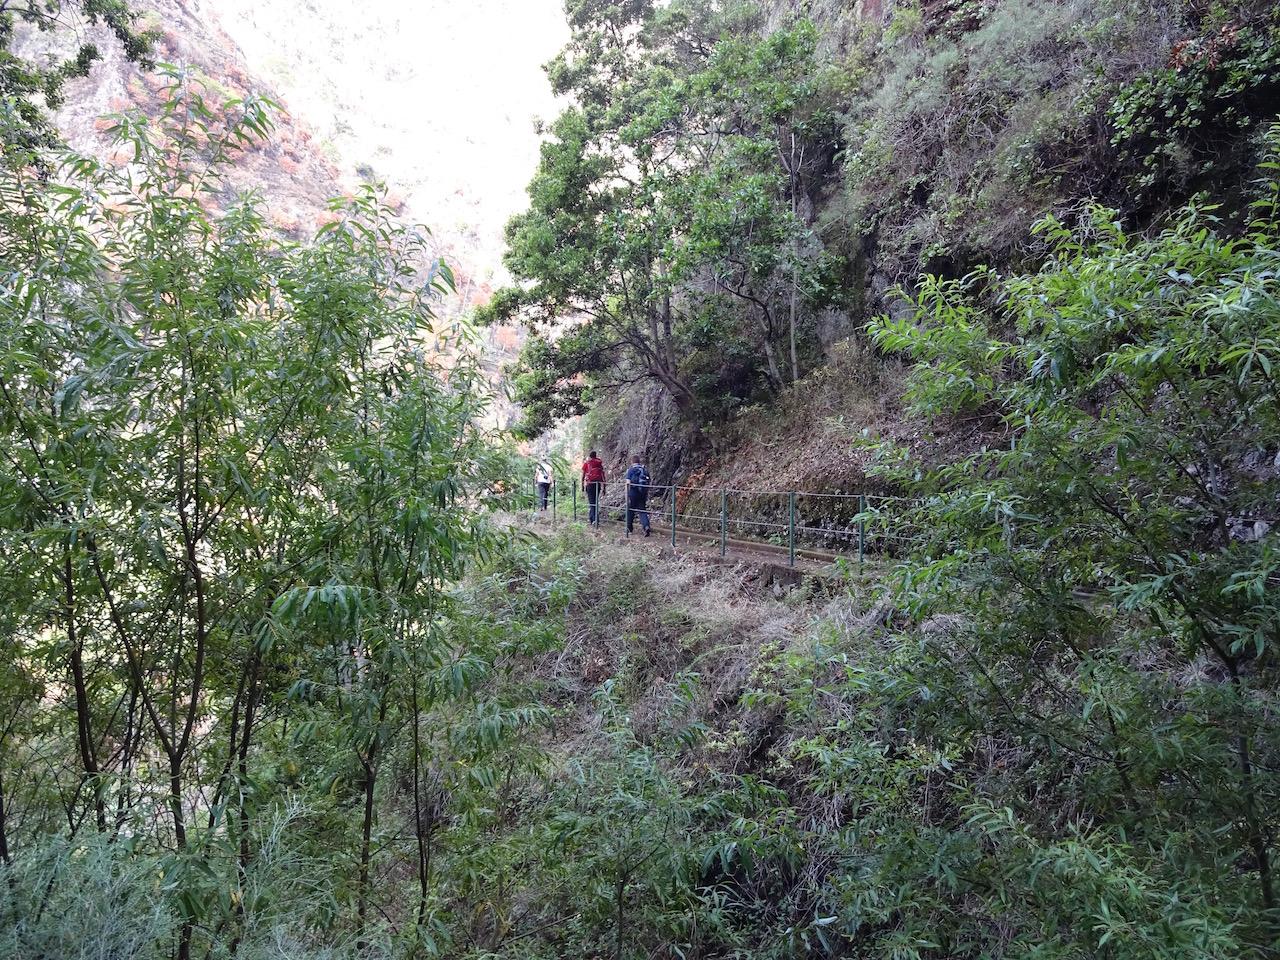 die Levada windet sich am Hang entlang